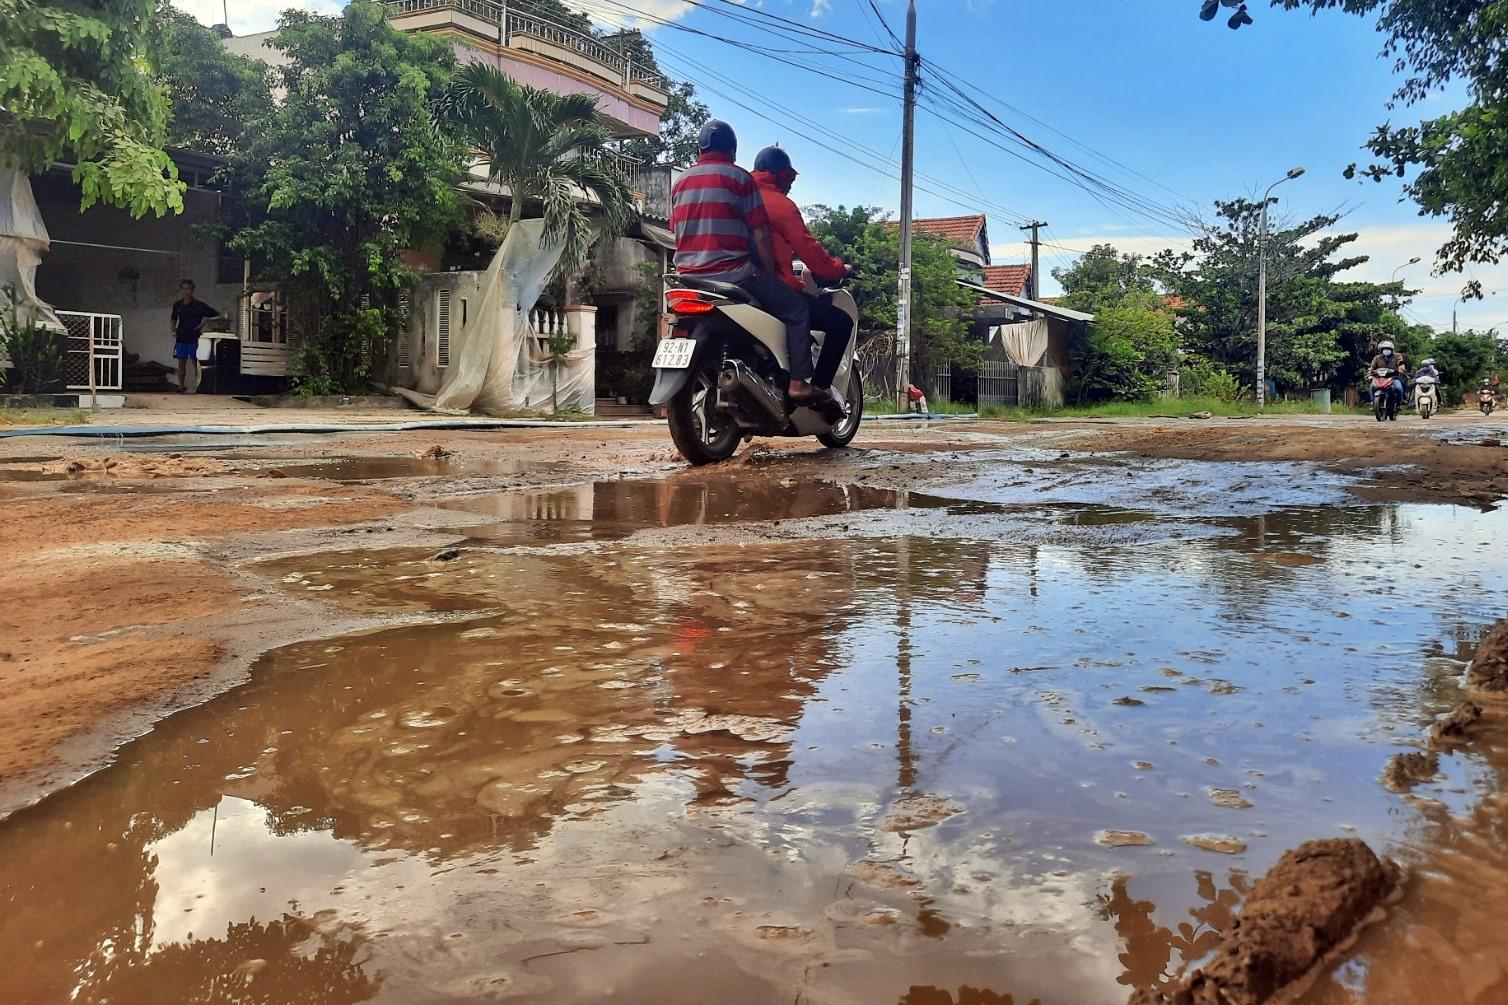 Hư hỏng nặng nề nhất là đoạn từ khối 2 (thị trấn Núi Thành) đến thôn Hòa An (Tam Giang) với chiều dài khoảng 1.000m.